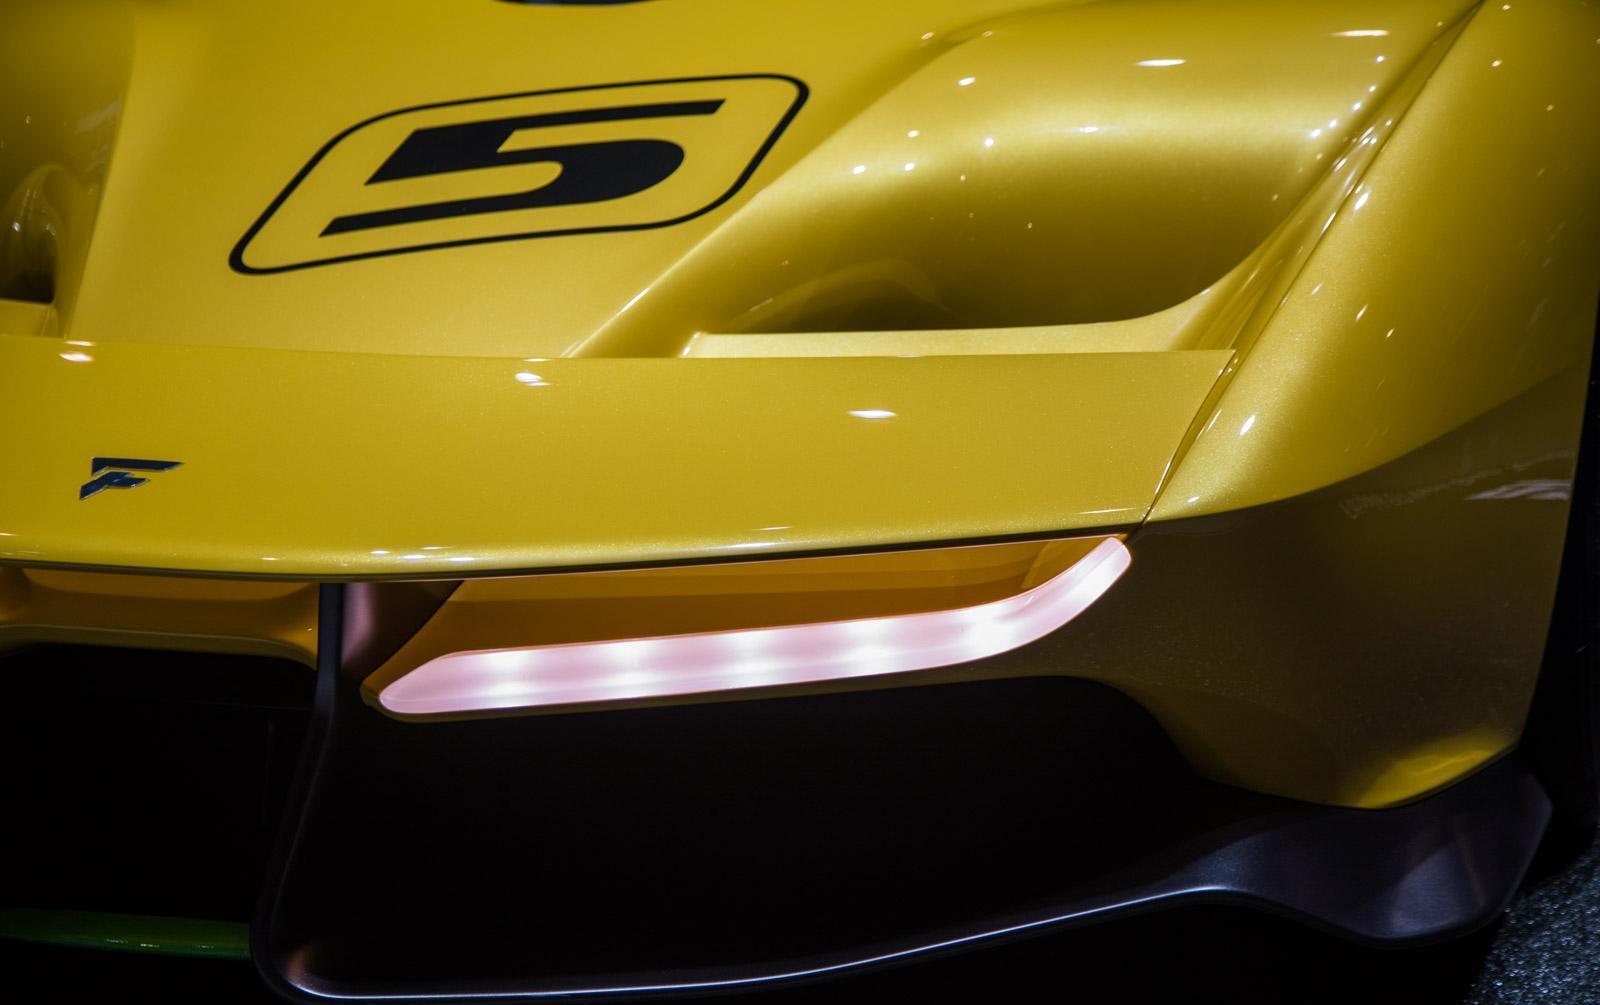 Fittipaldi EF7 Vision Gran Turismo in Geneva 2017 (12)